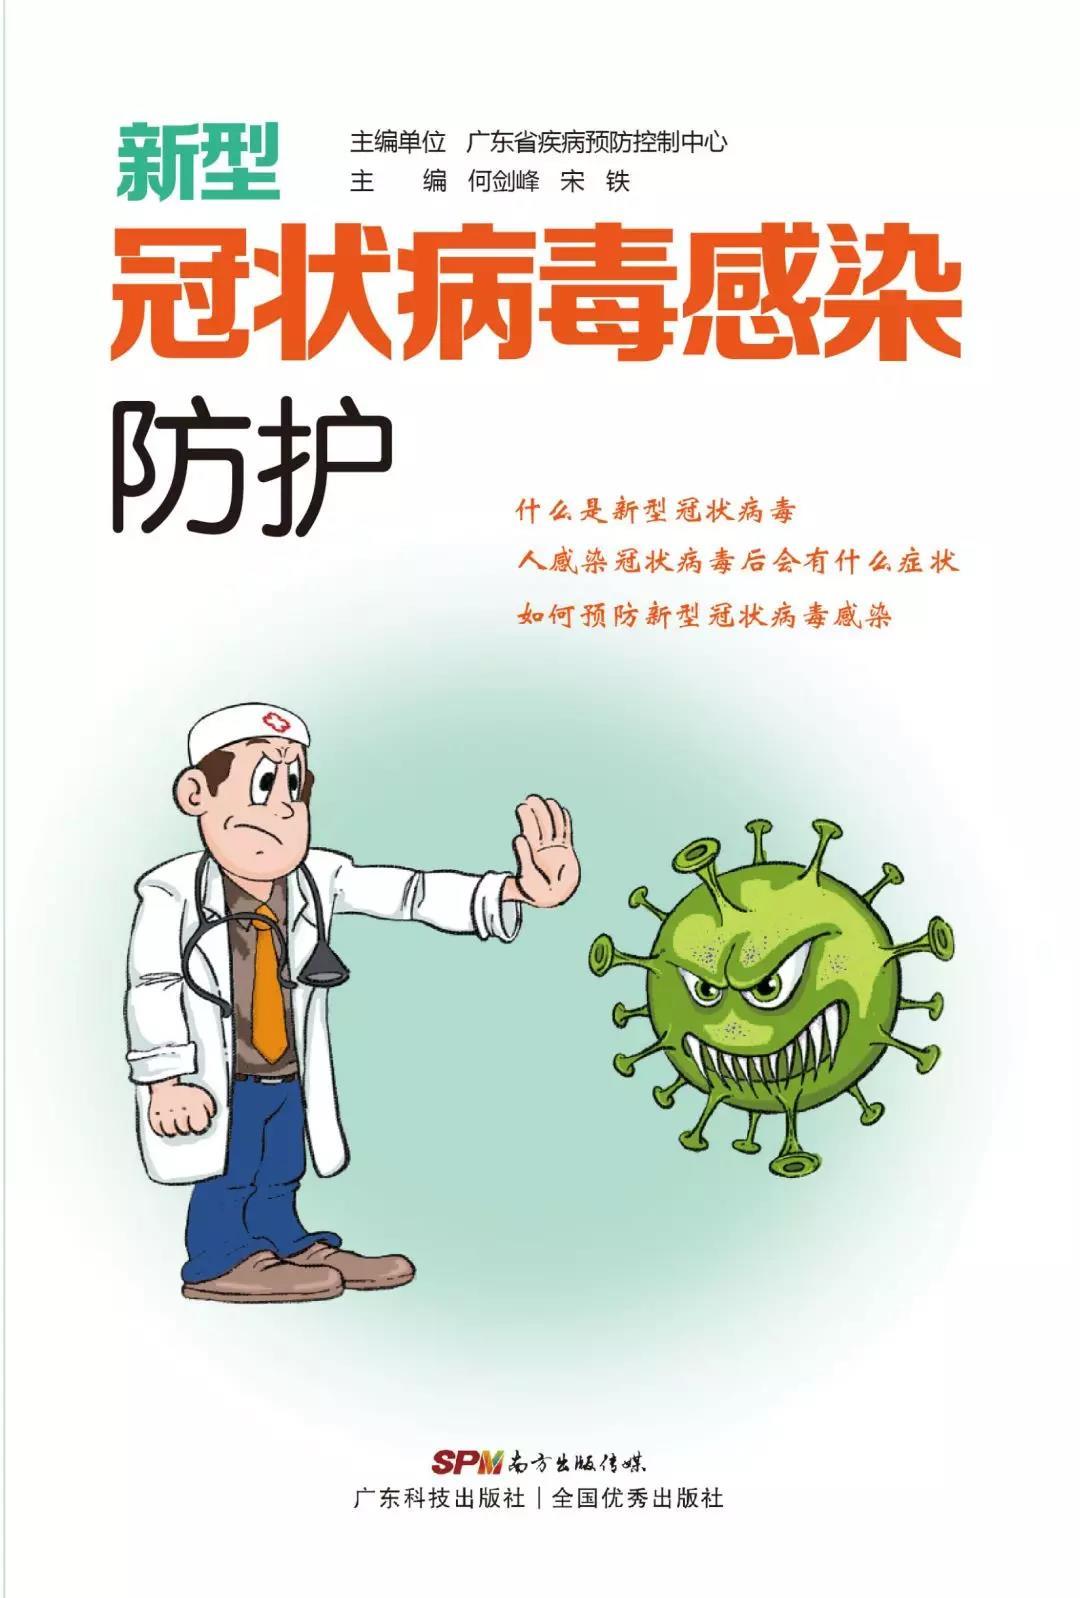 《新型冠状病毒感染防护》全国首发